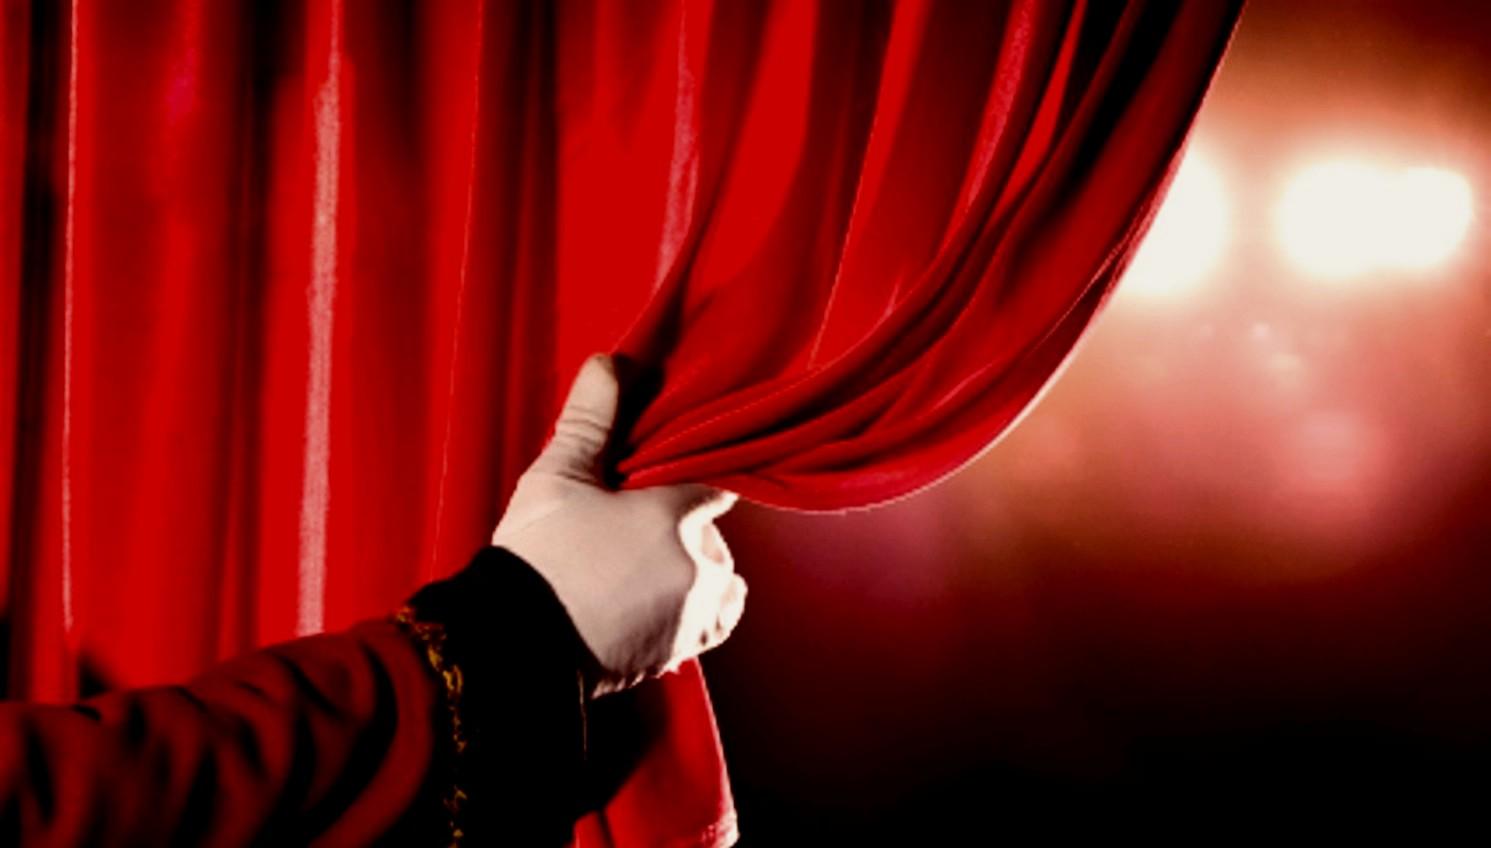 Drawn curtain #11